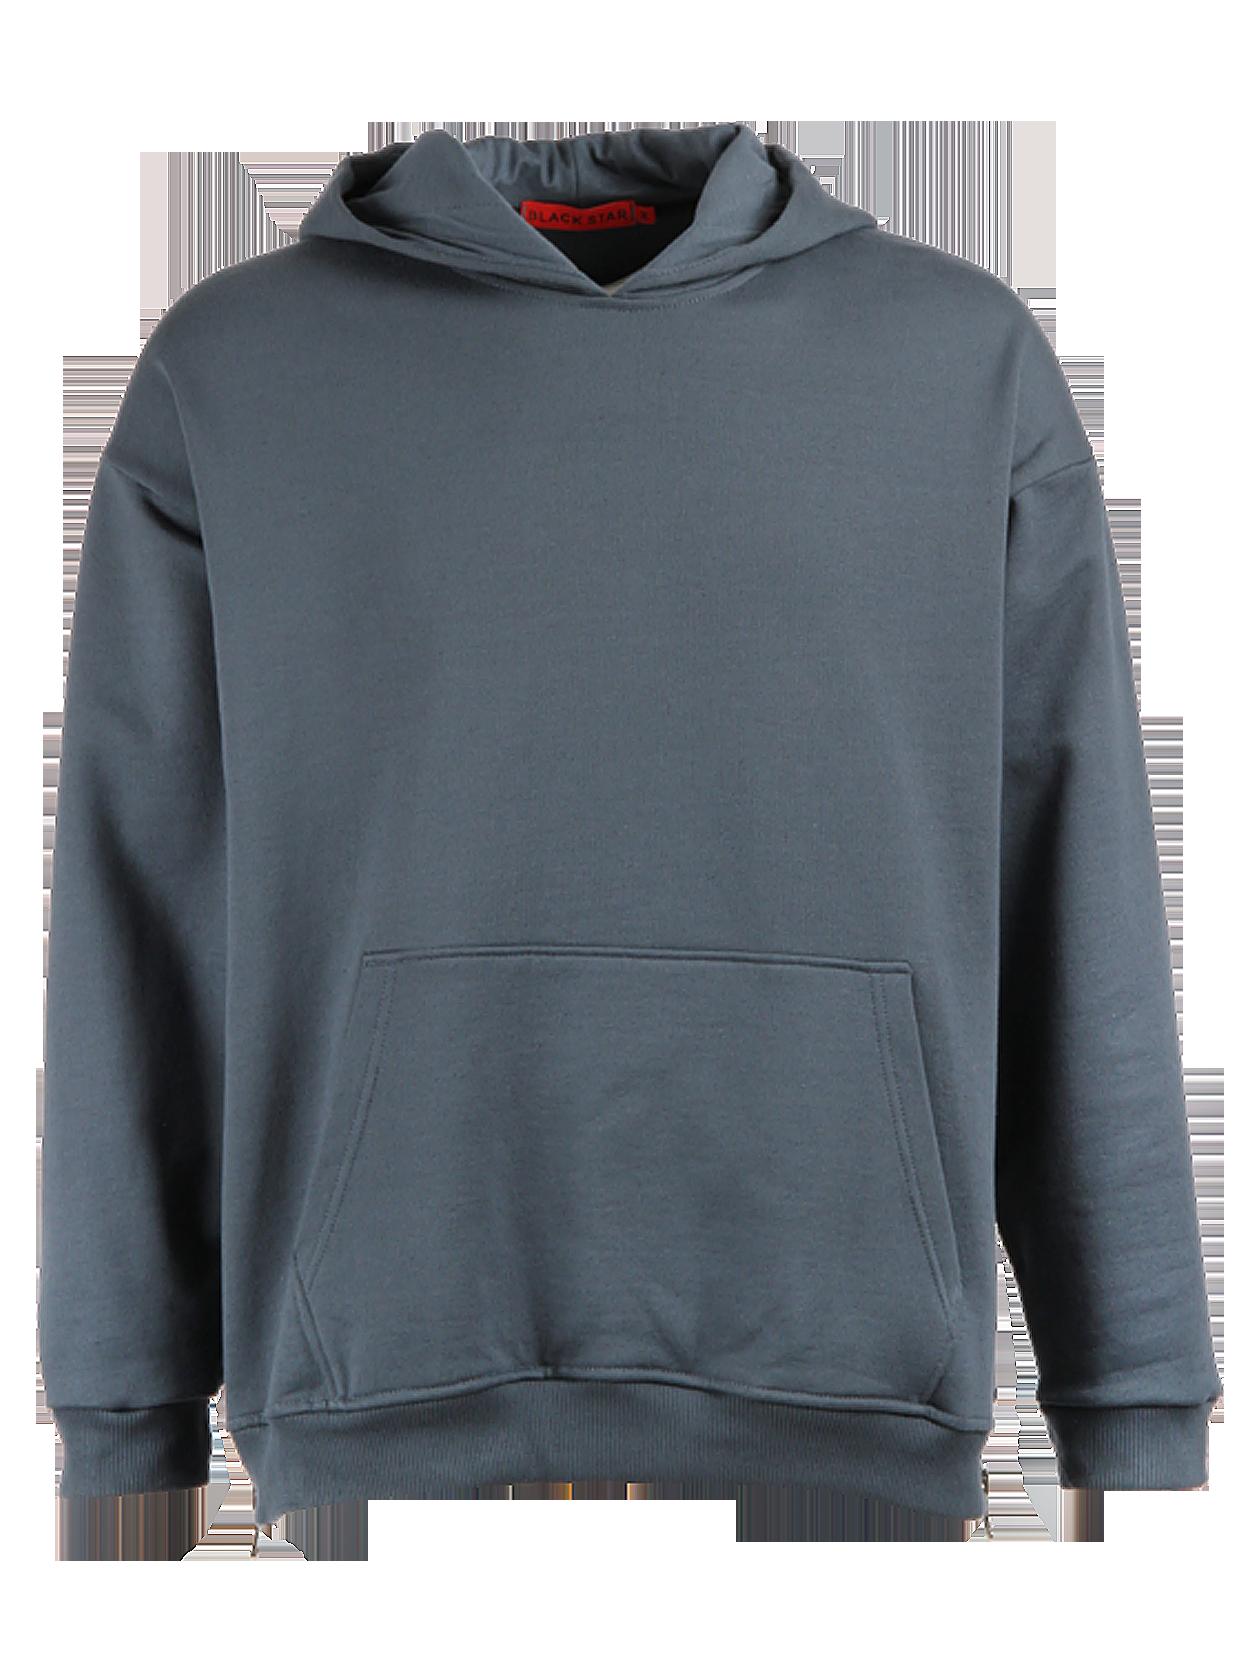 Unisex hoody Vintage 13Худи унисекс из капсульной коллекции Тимати 13. Модель оверсайз прямого свободного кроя со спущенной линией плеча. По бокам небольшие молнии. Большой слитный капюшон и большой накладной карман спереди. Доступна в песочном и сером цветах.<br><br>size: S<br>color: Grey<br>gender: female